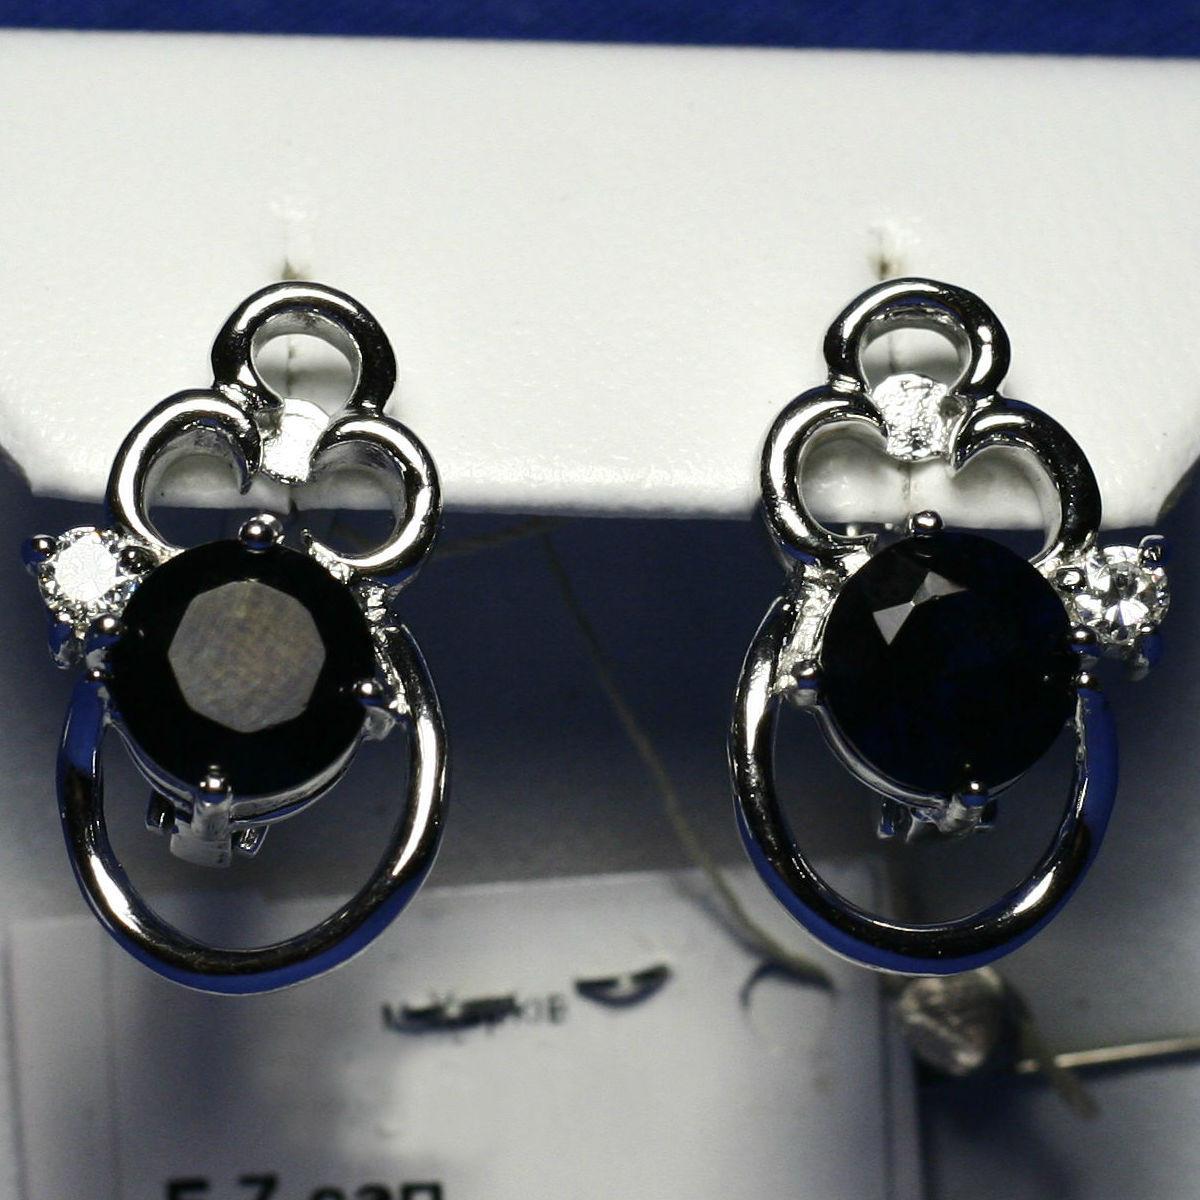 8c7bd432829c Серебряные серьги с натуральными камнями - купить в Харькове, цена